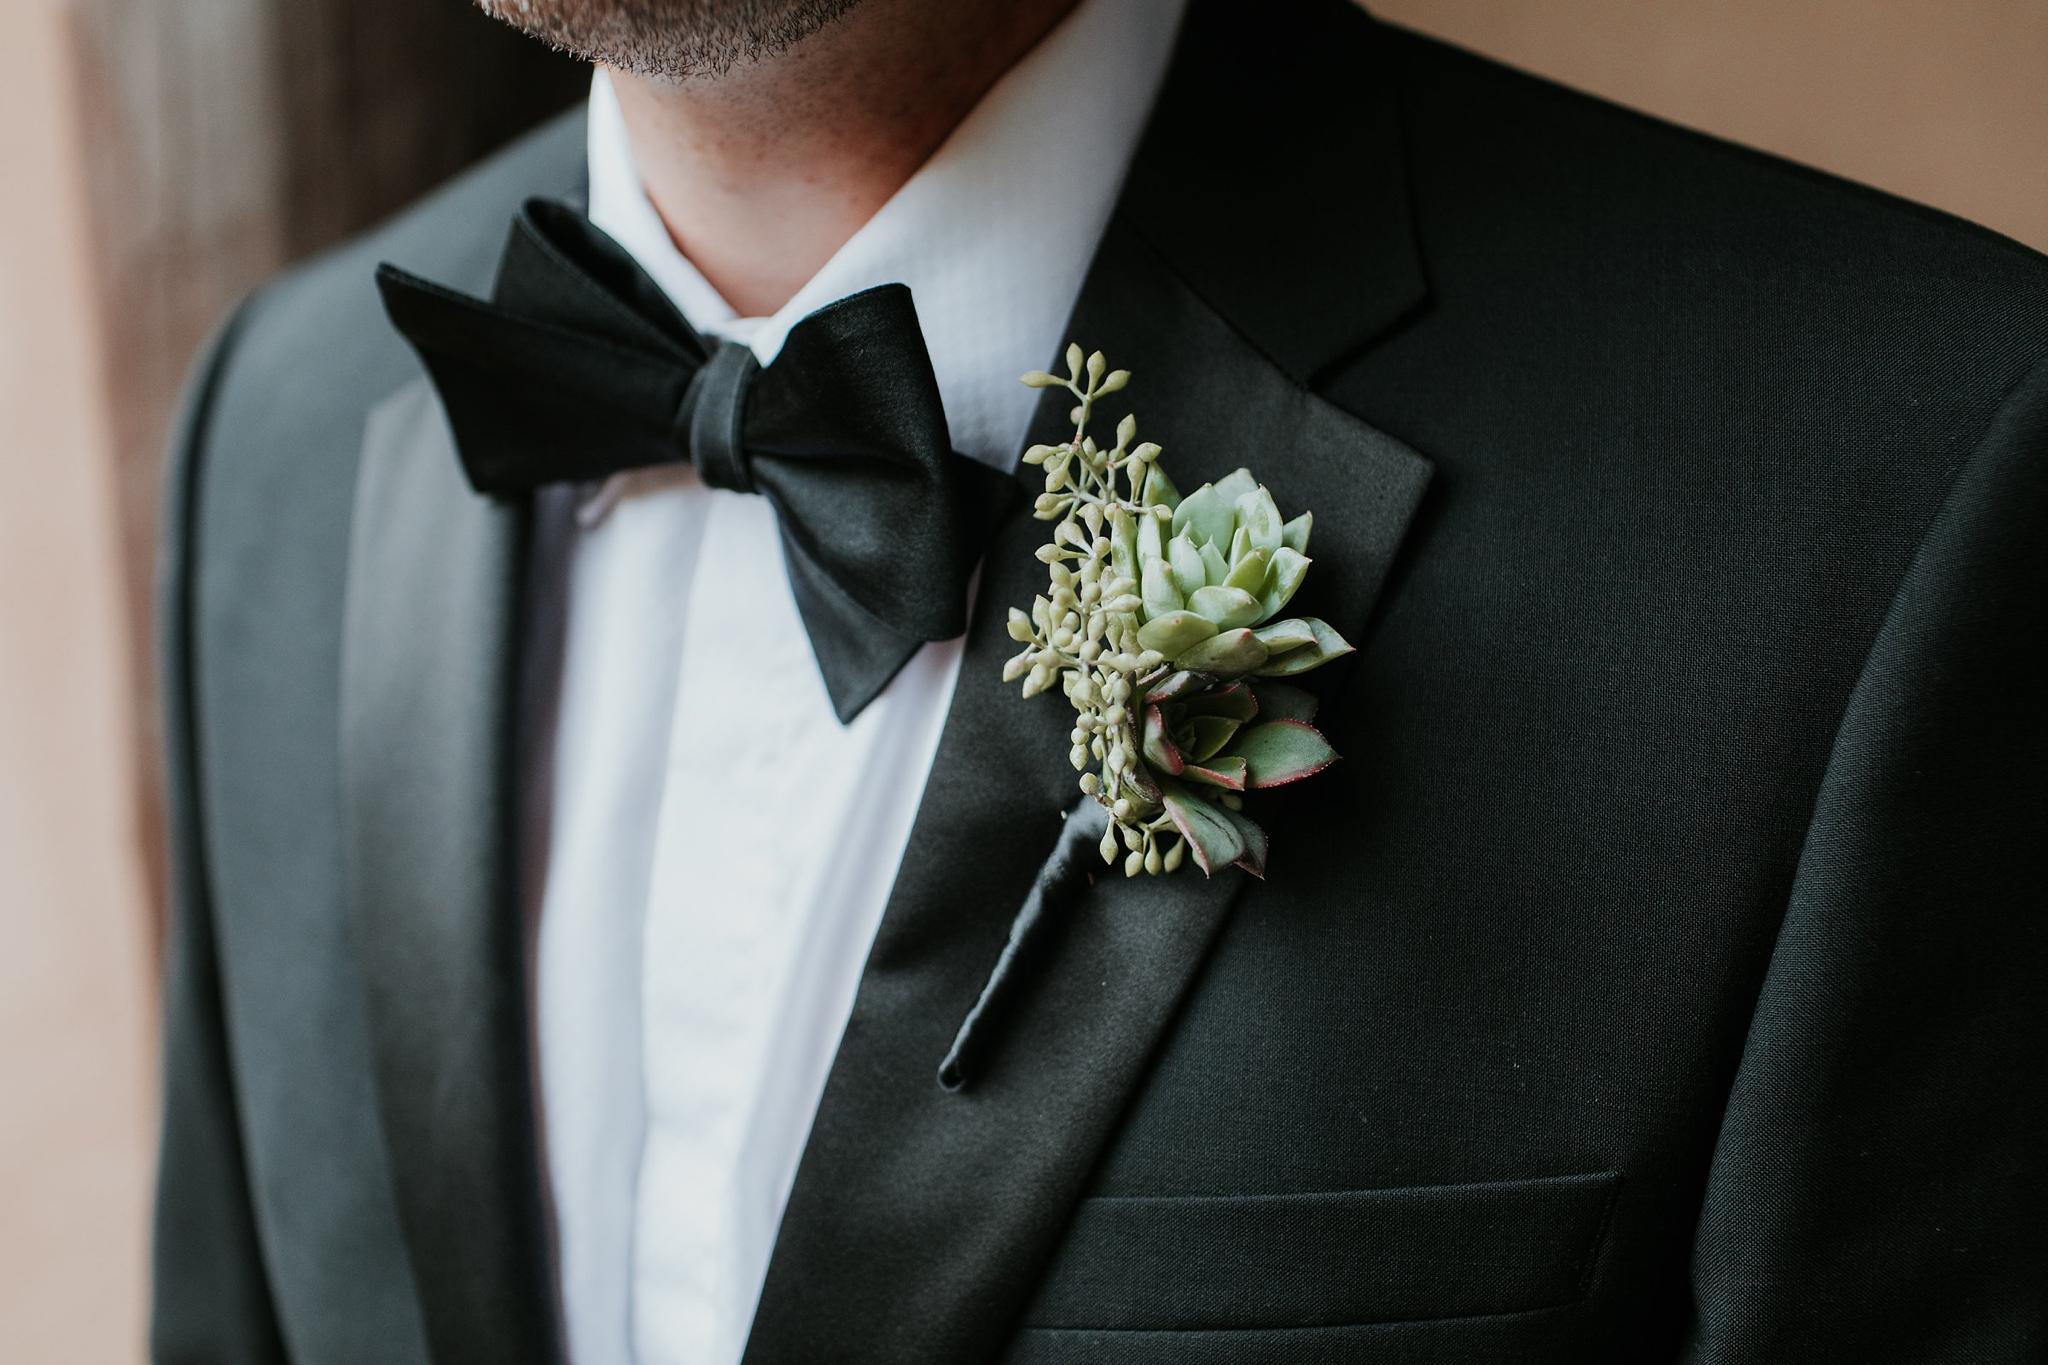 Alicia+lucia+photography+-+albuquerque+wedding+photographer+-+santa+fe+wedding+photography+-+new+mexico+wedding+photographer+-+new+mexico+wedding+-+new+mexico+wedding+-+wedding+florals+-+desert+wedding+-+wedding+trends_0013.jpg